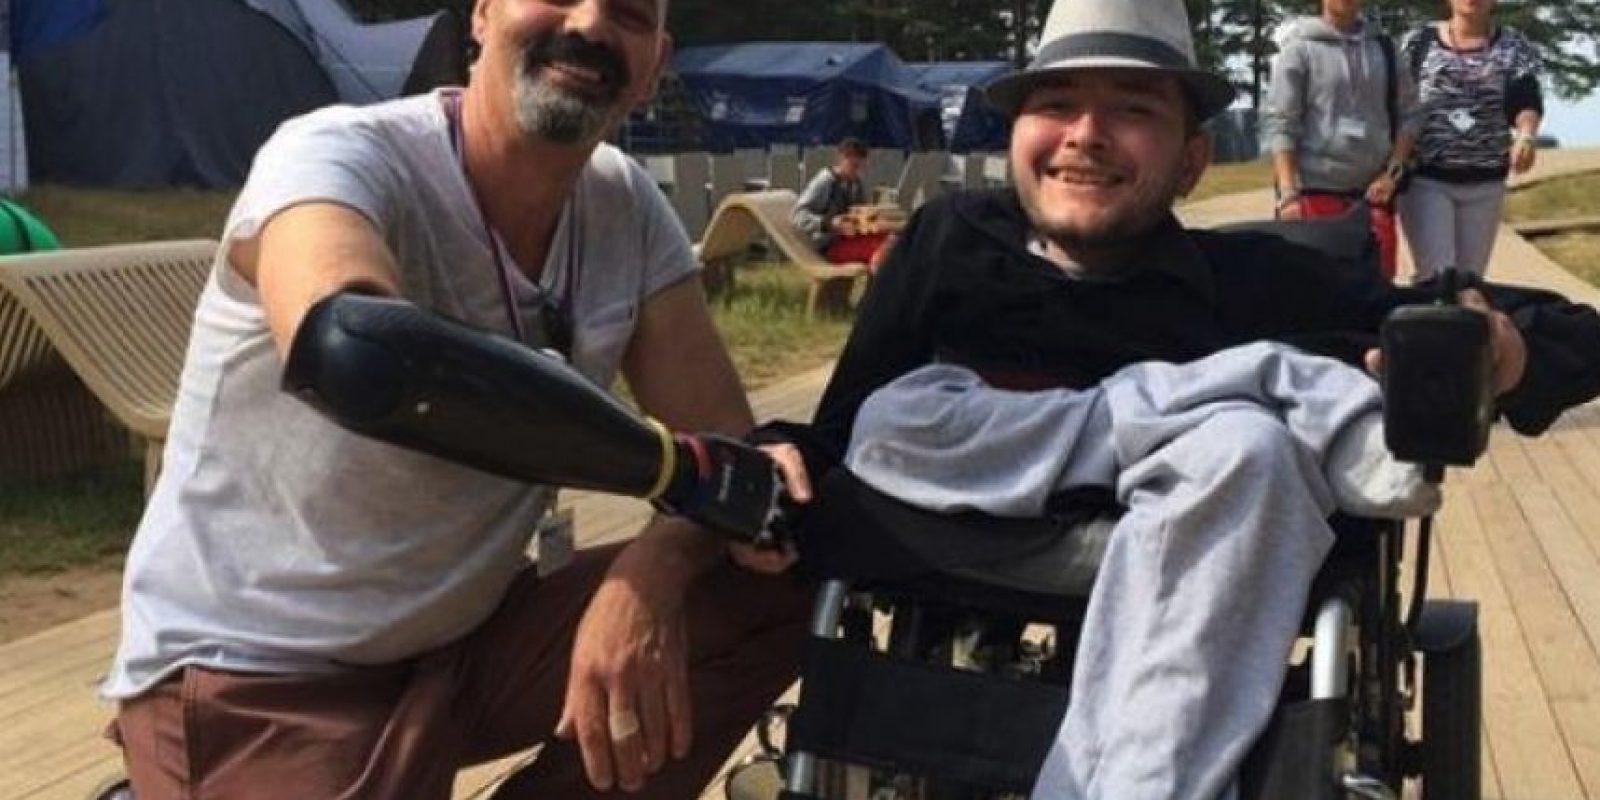 Valery Spiridonov, programador ruso de 30 años de edad, quien sufre de atrofia muscular espinal, se someterá a una cirugía en 2017. Foto:Twitter.com/MaltsevIS